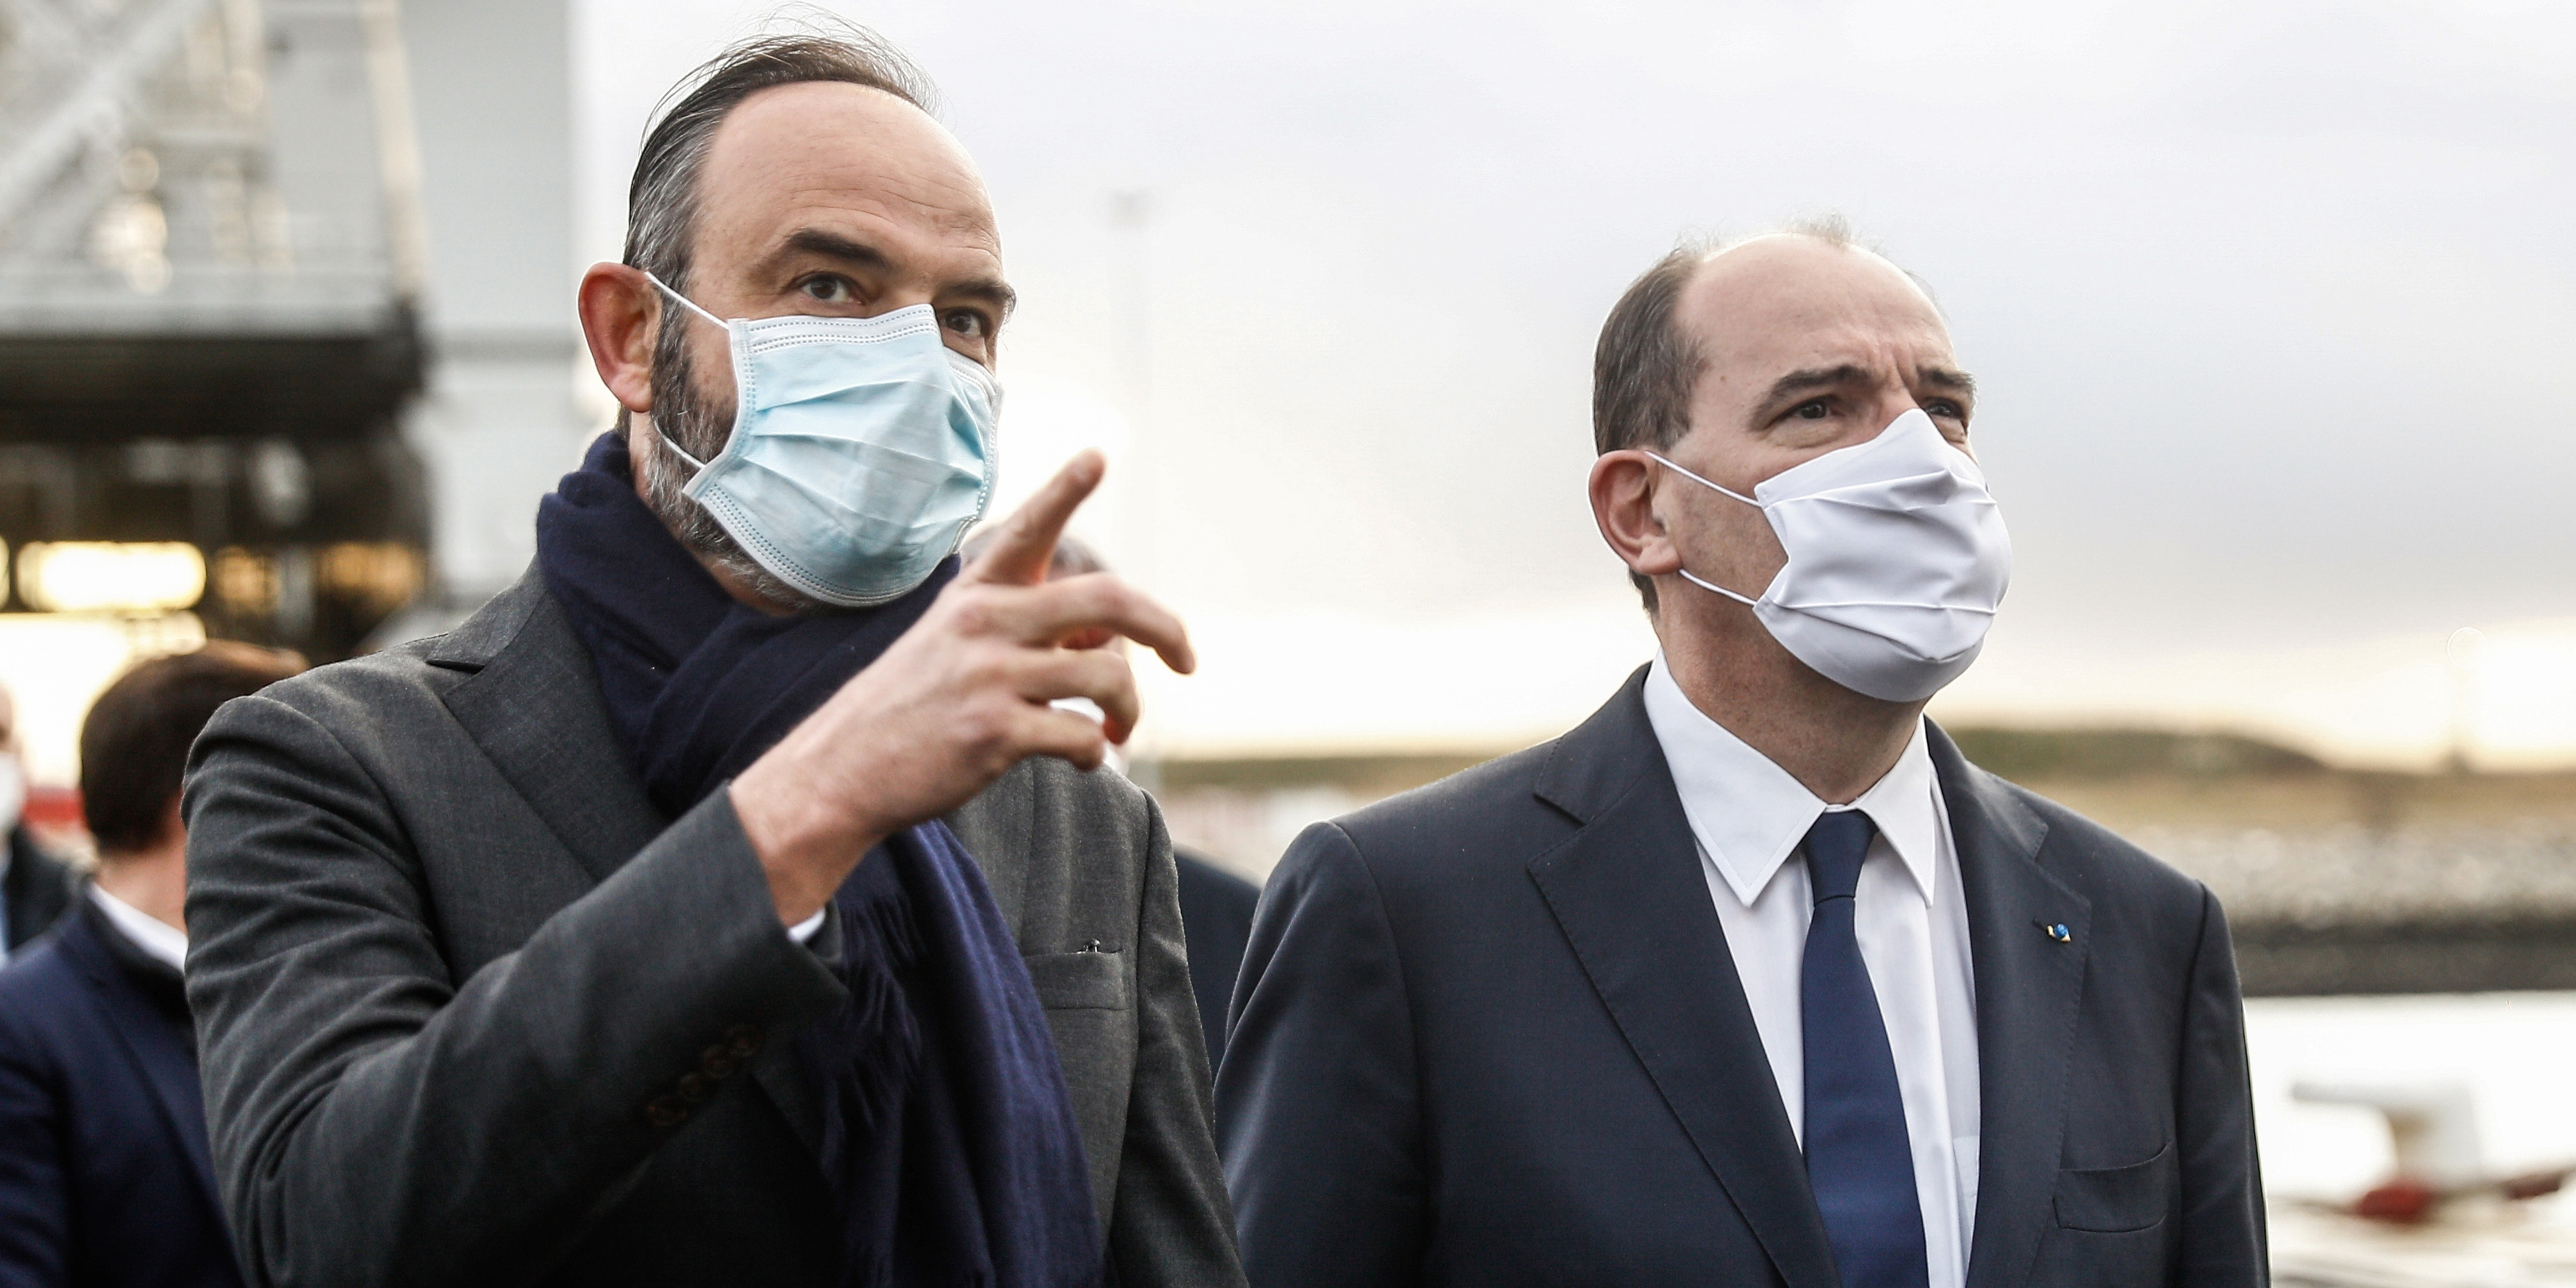 De sobres retrouvailles entre Jean Castex et Edouard Philippe au Havre